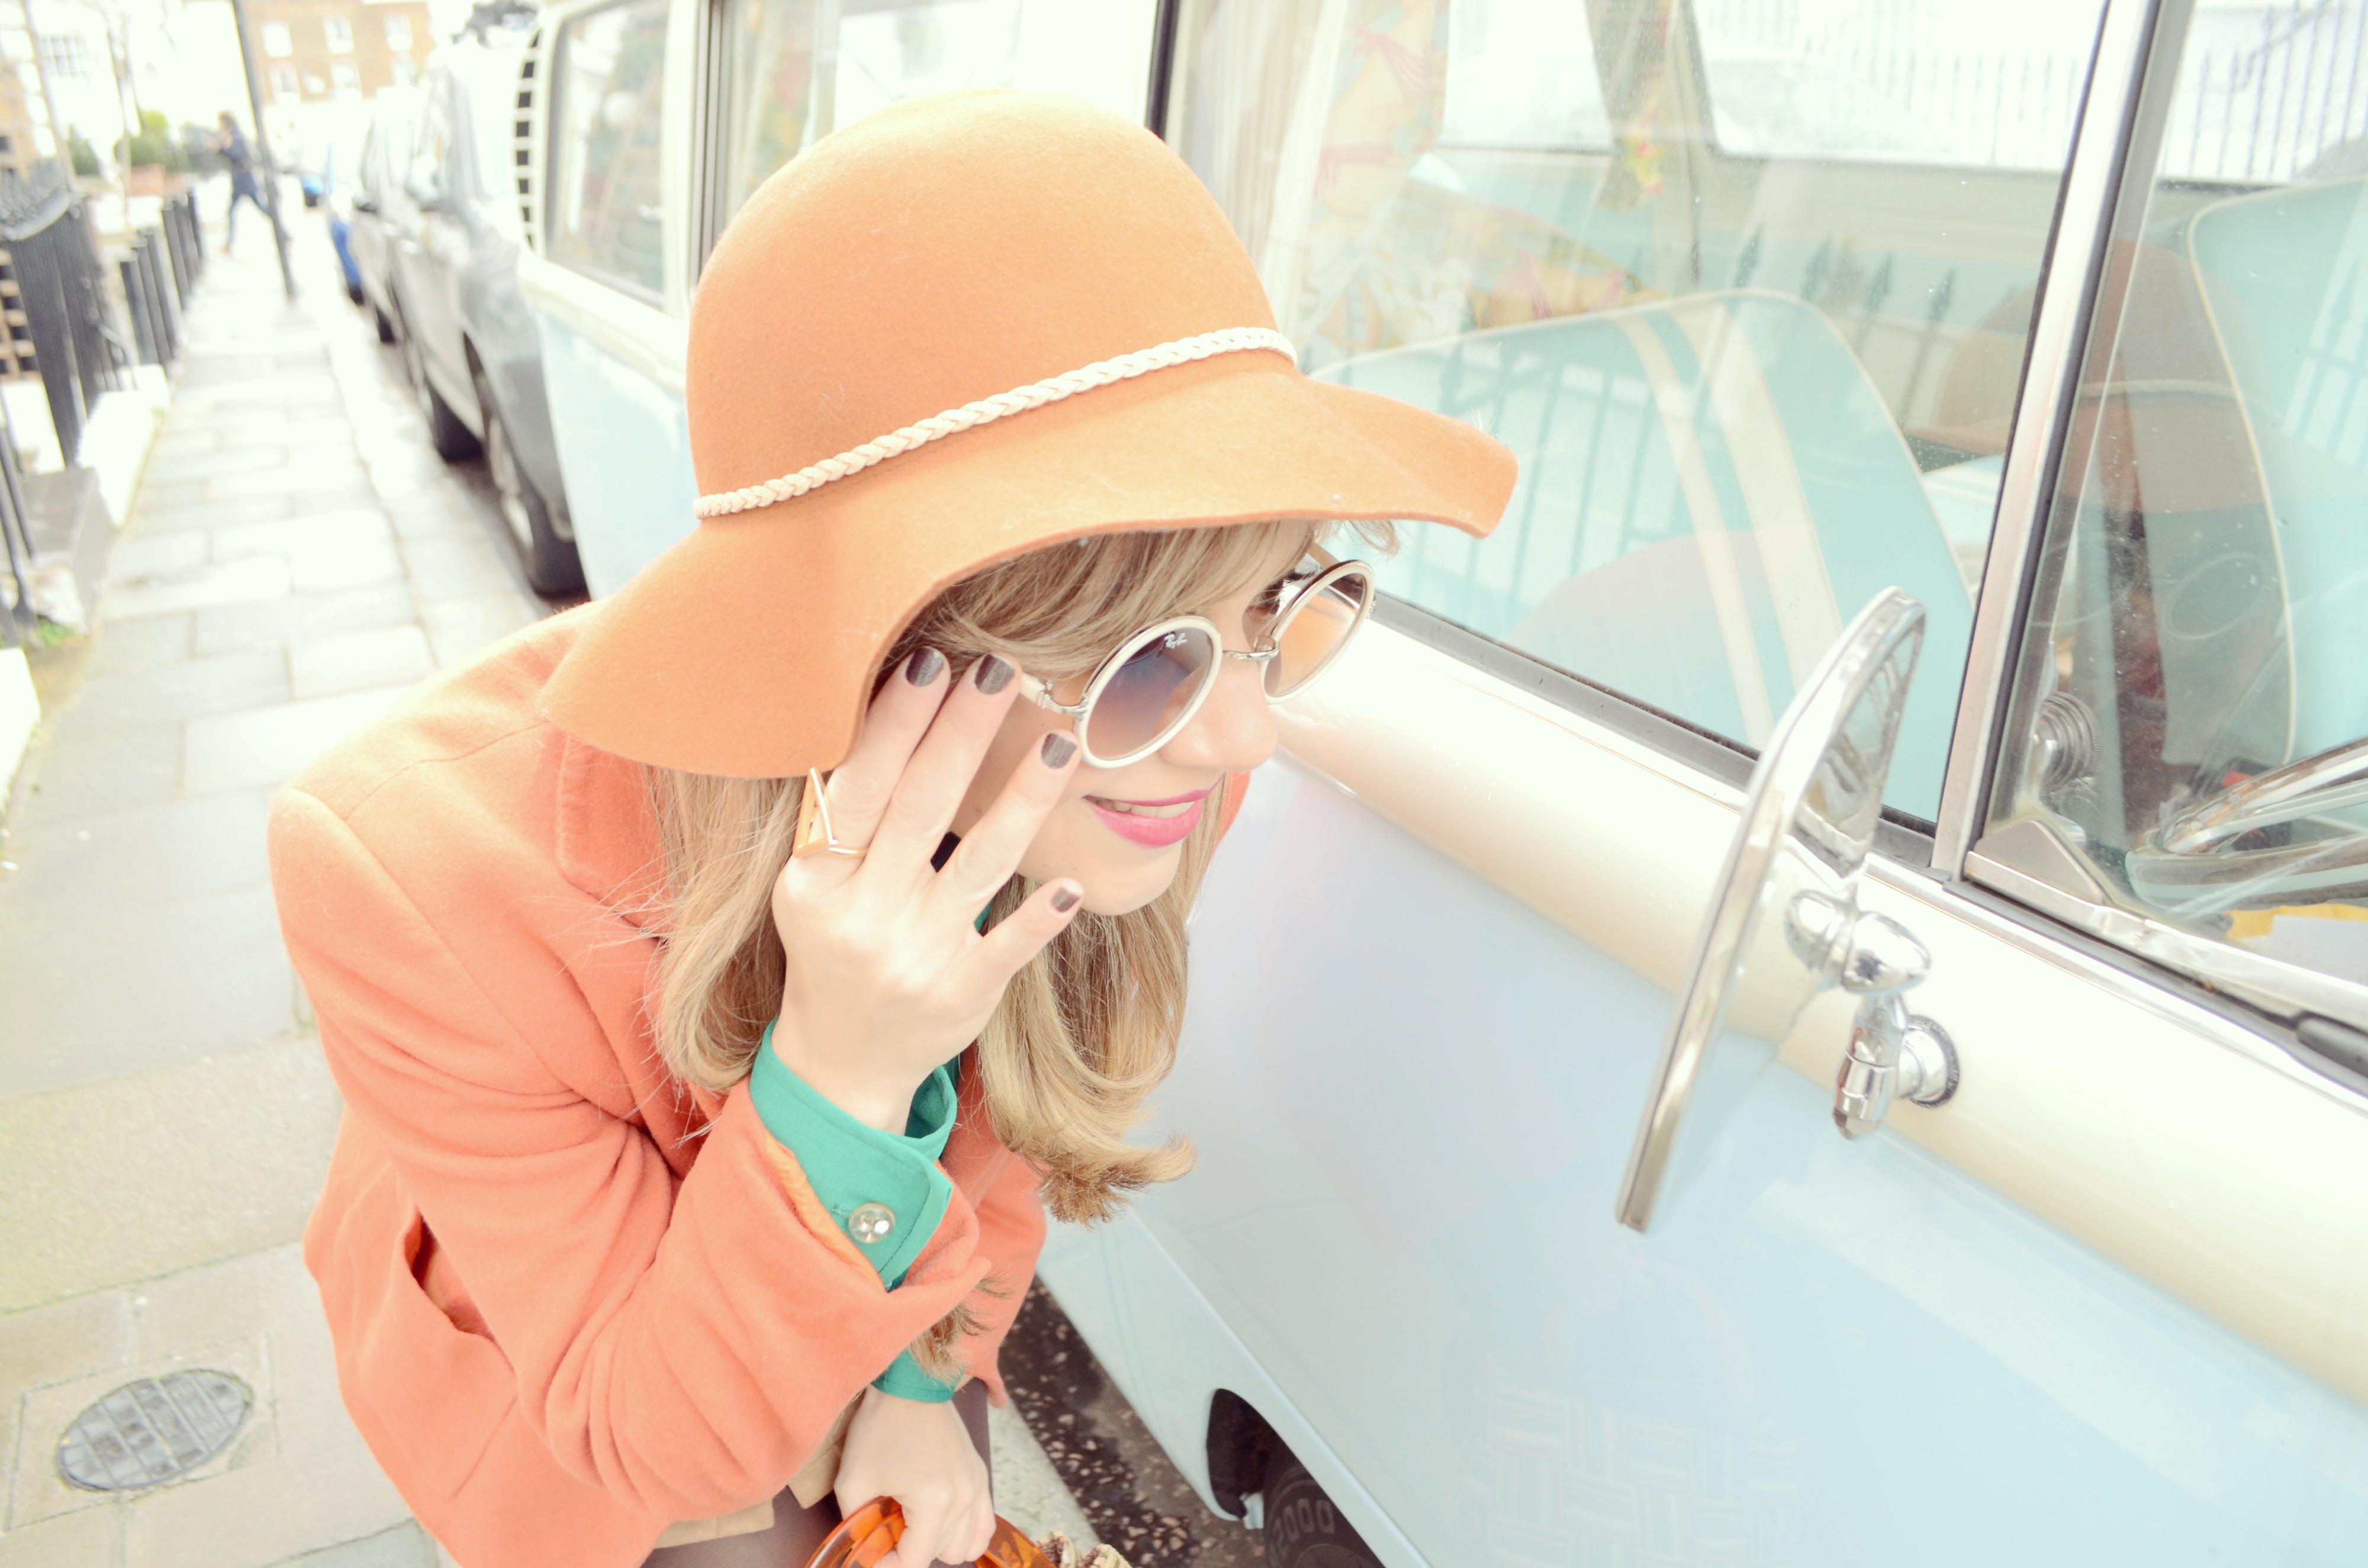 JustFab-blogger-fashionista-blog-de-moda-ChicAdicta-Chic-Adicta-vintage-look-retro-outfit-spring-hat-PiensaenChic-Piensa-en-Chic